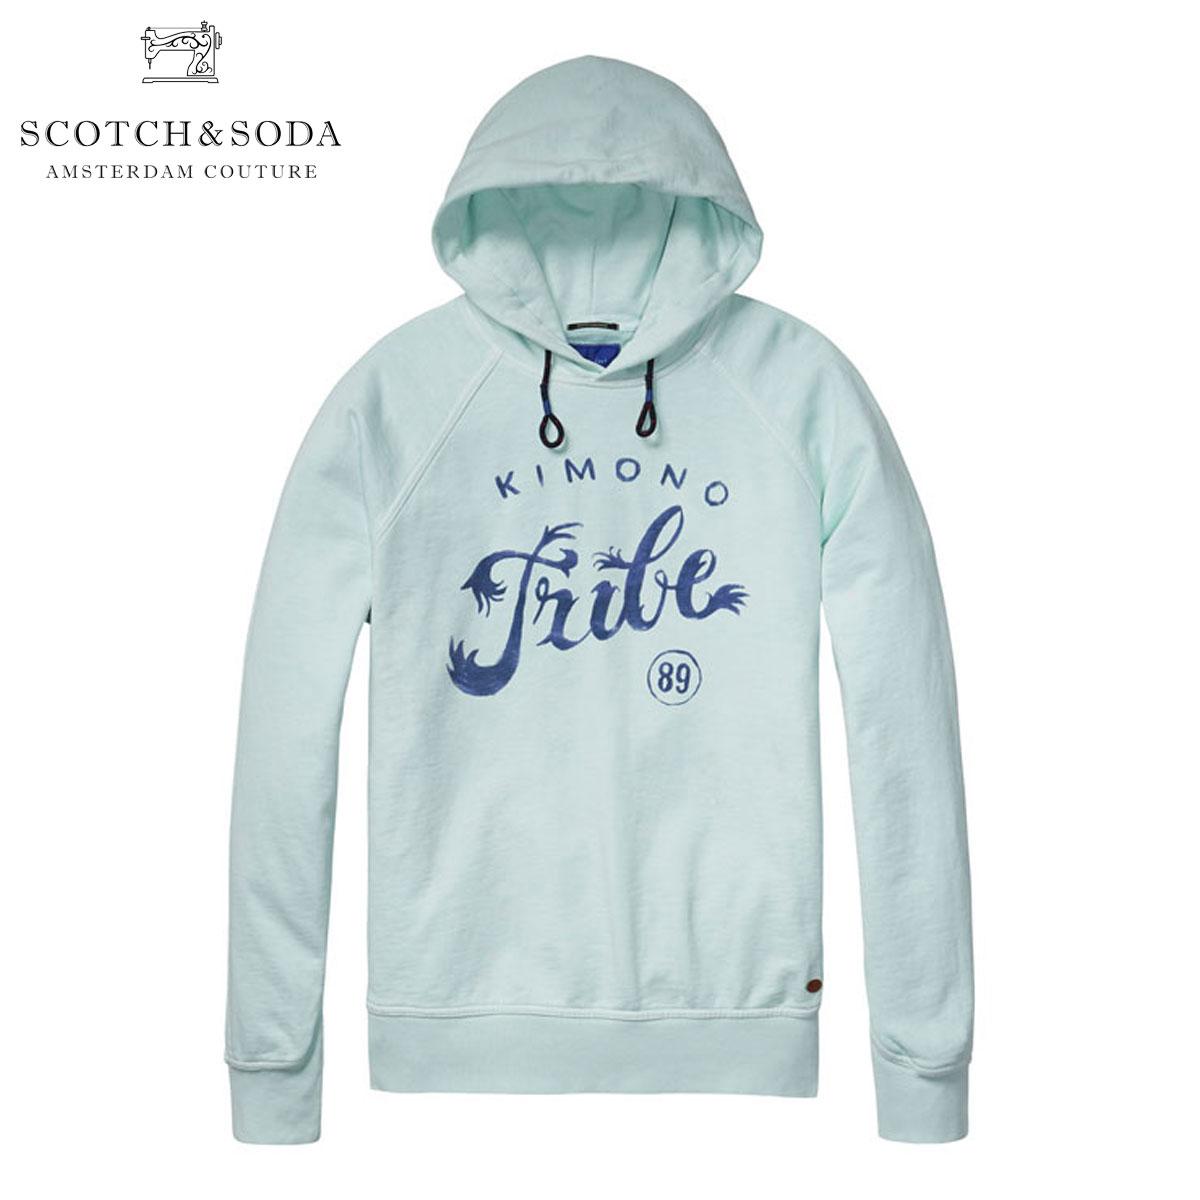 スコッチアンドソーダ SCOTCH&SODA 正規販売店 メンズ パーカー Basic hooded sweater with chest artwork 130785 38 D00S15